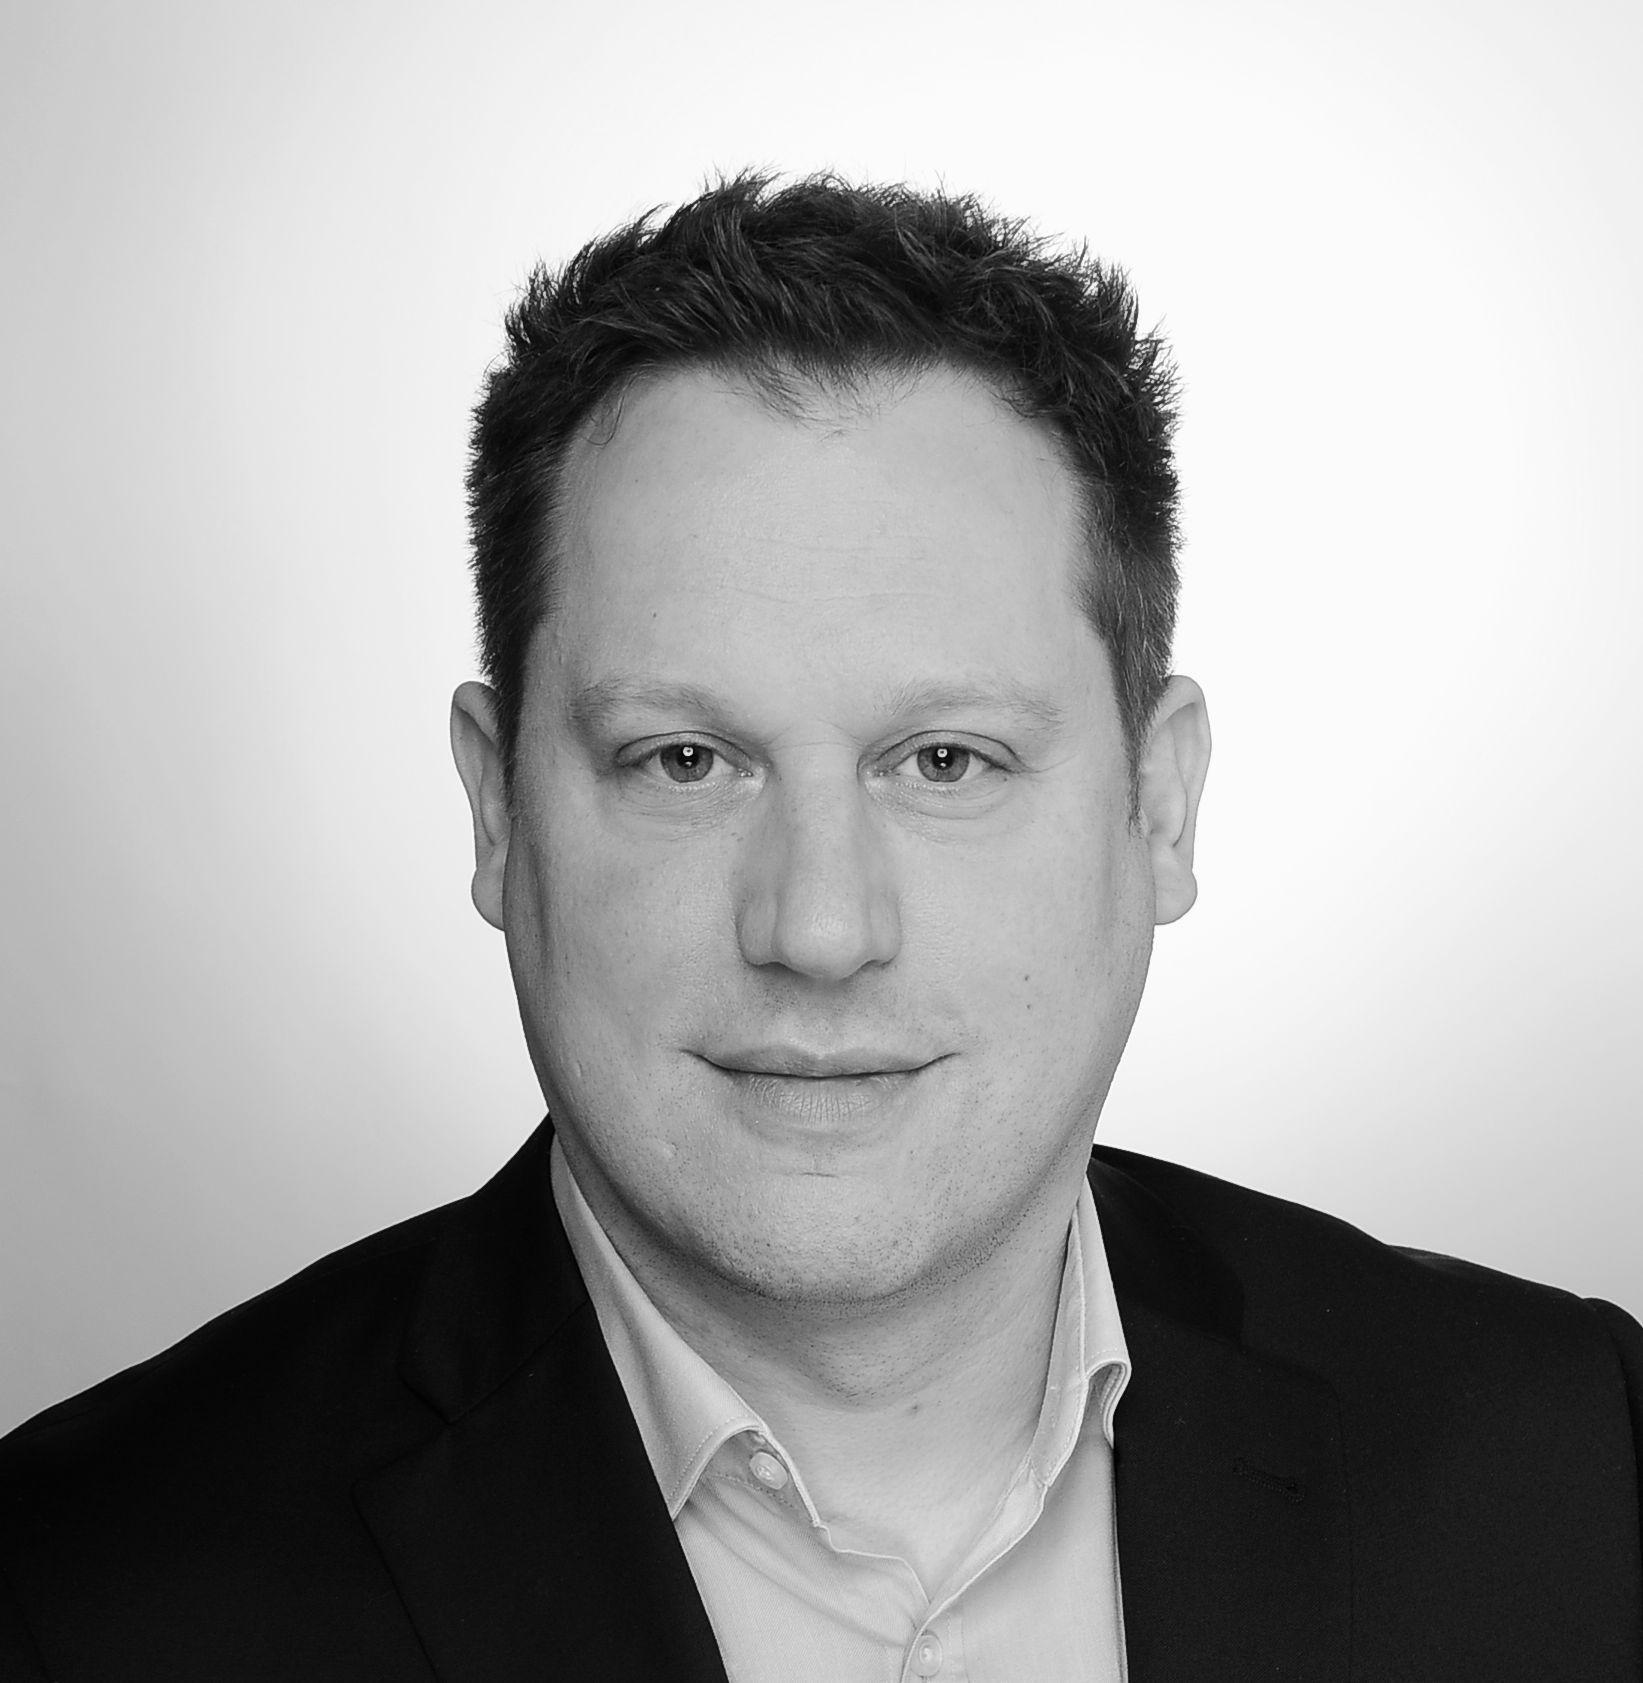 Carsten Mainitz